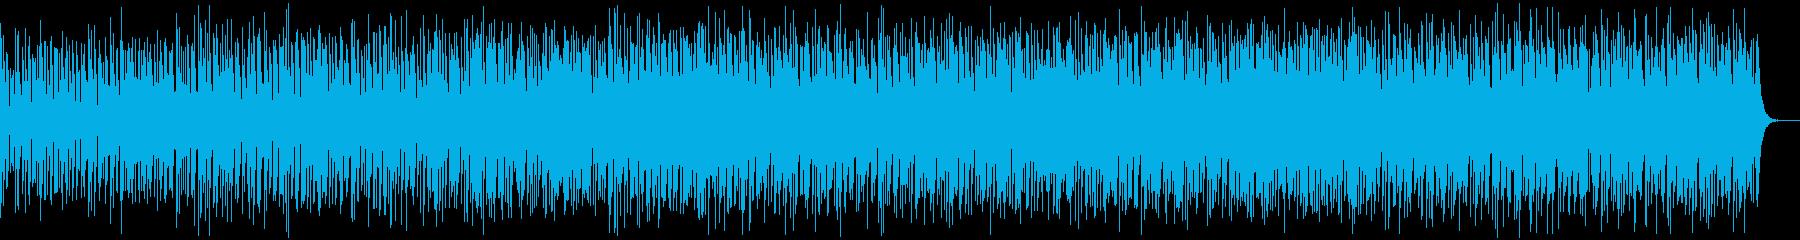 ボサノバ風ほのぼのポップなカノンの再生済みの波形